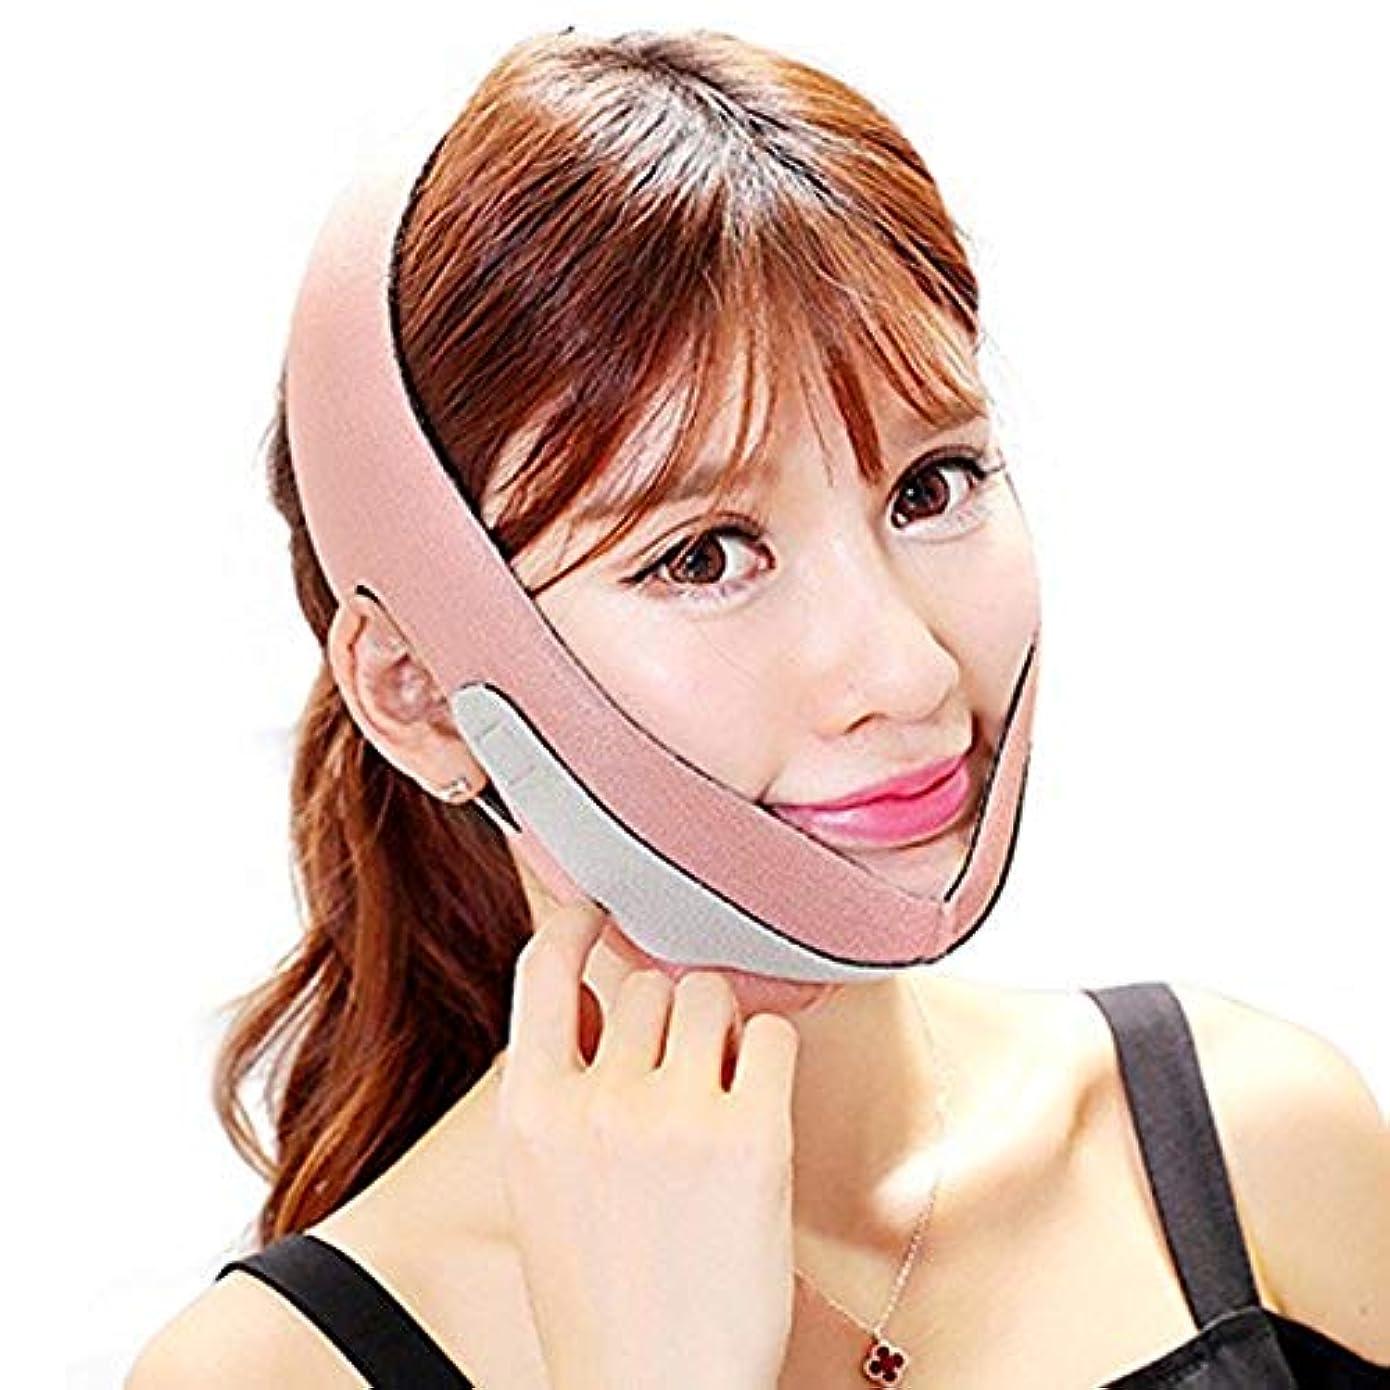 トランジスタ自動含める小顔 矯正 美顔 顔痩せ グッズ フェイス マスク ベルト コルセット メンズ サポーター